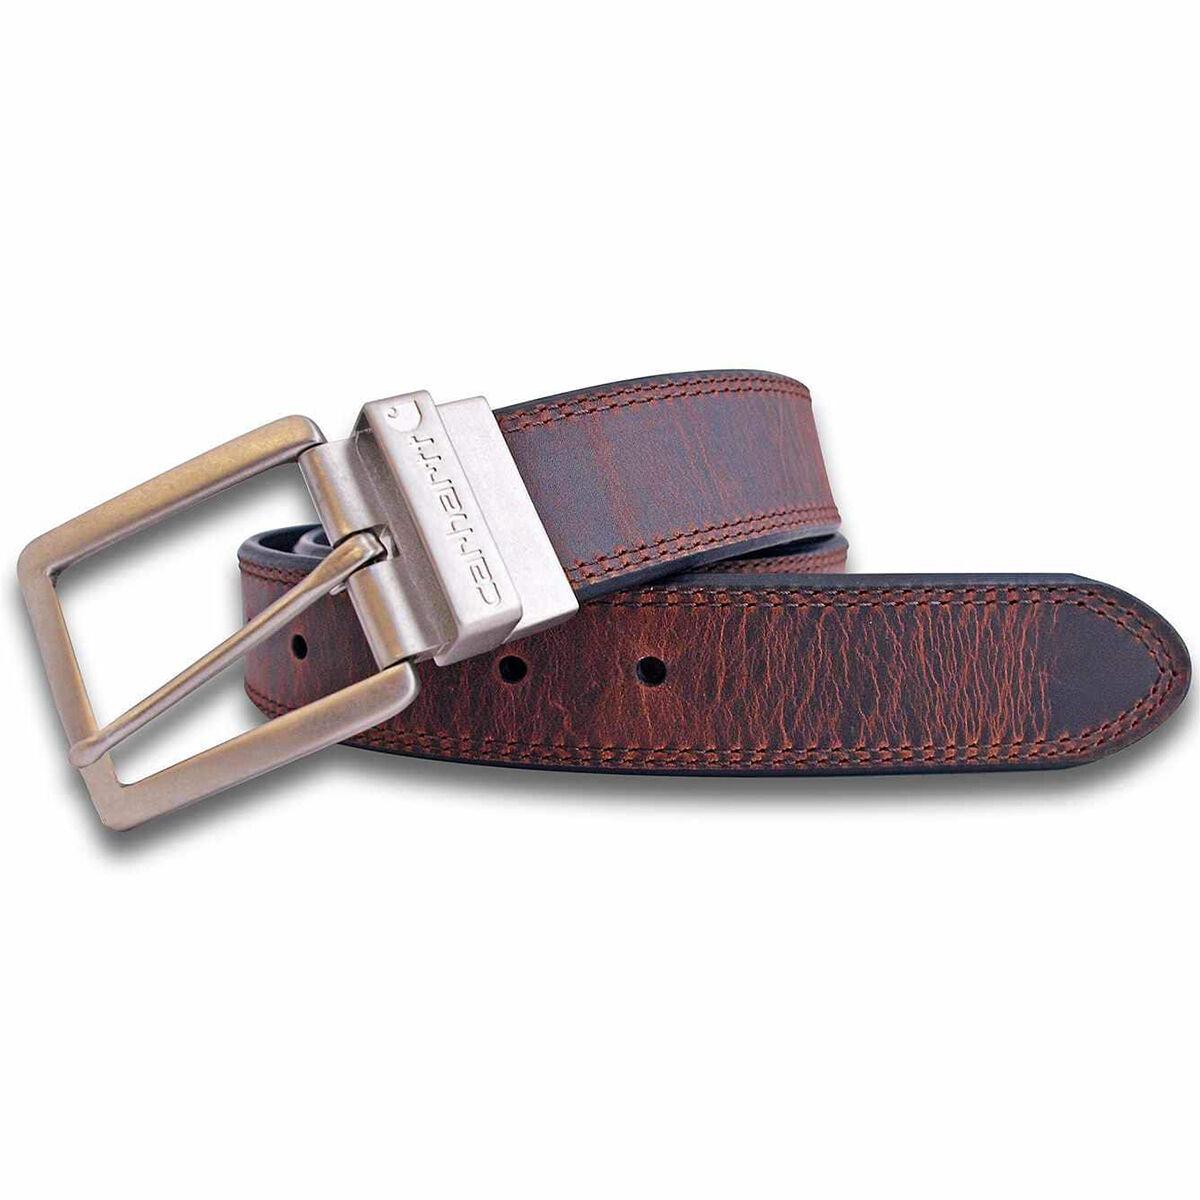 Carhartt Men's Reversible Belt - Brown, 44